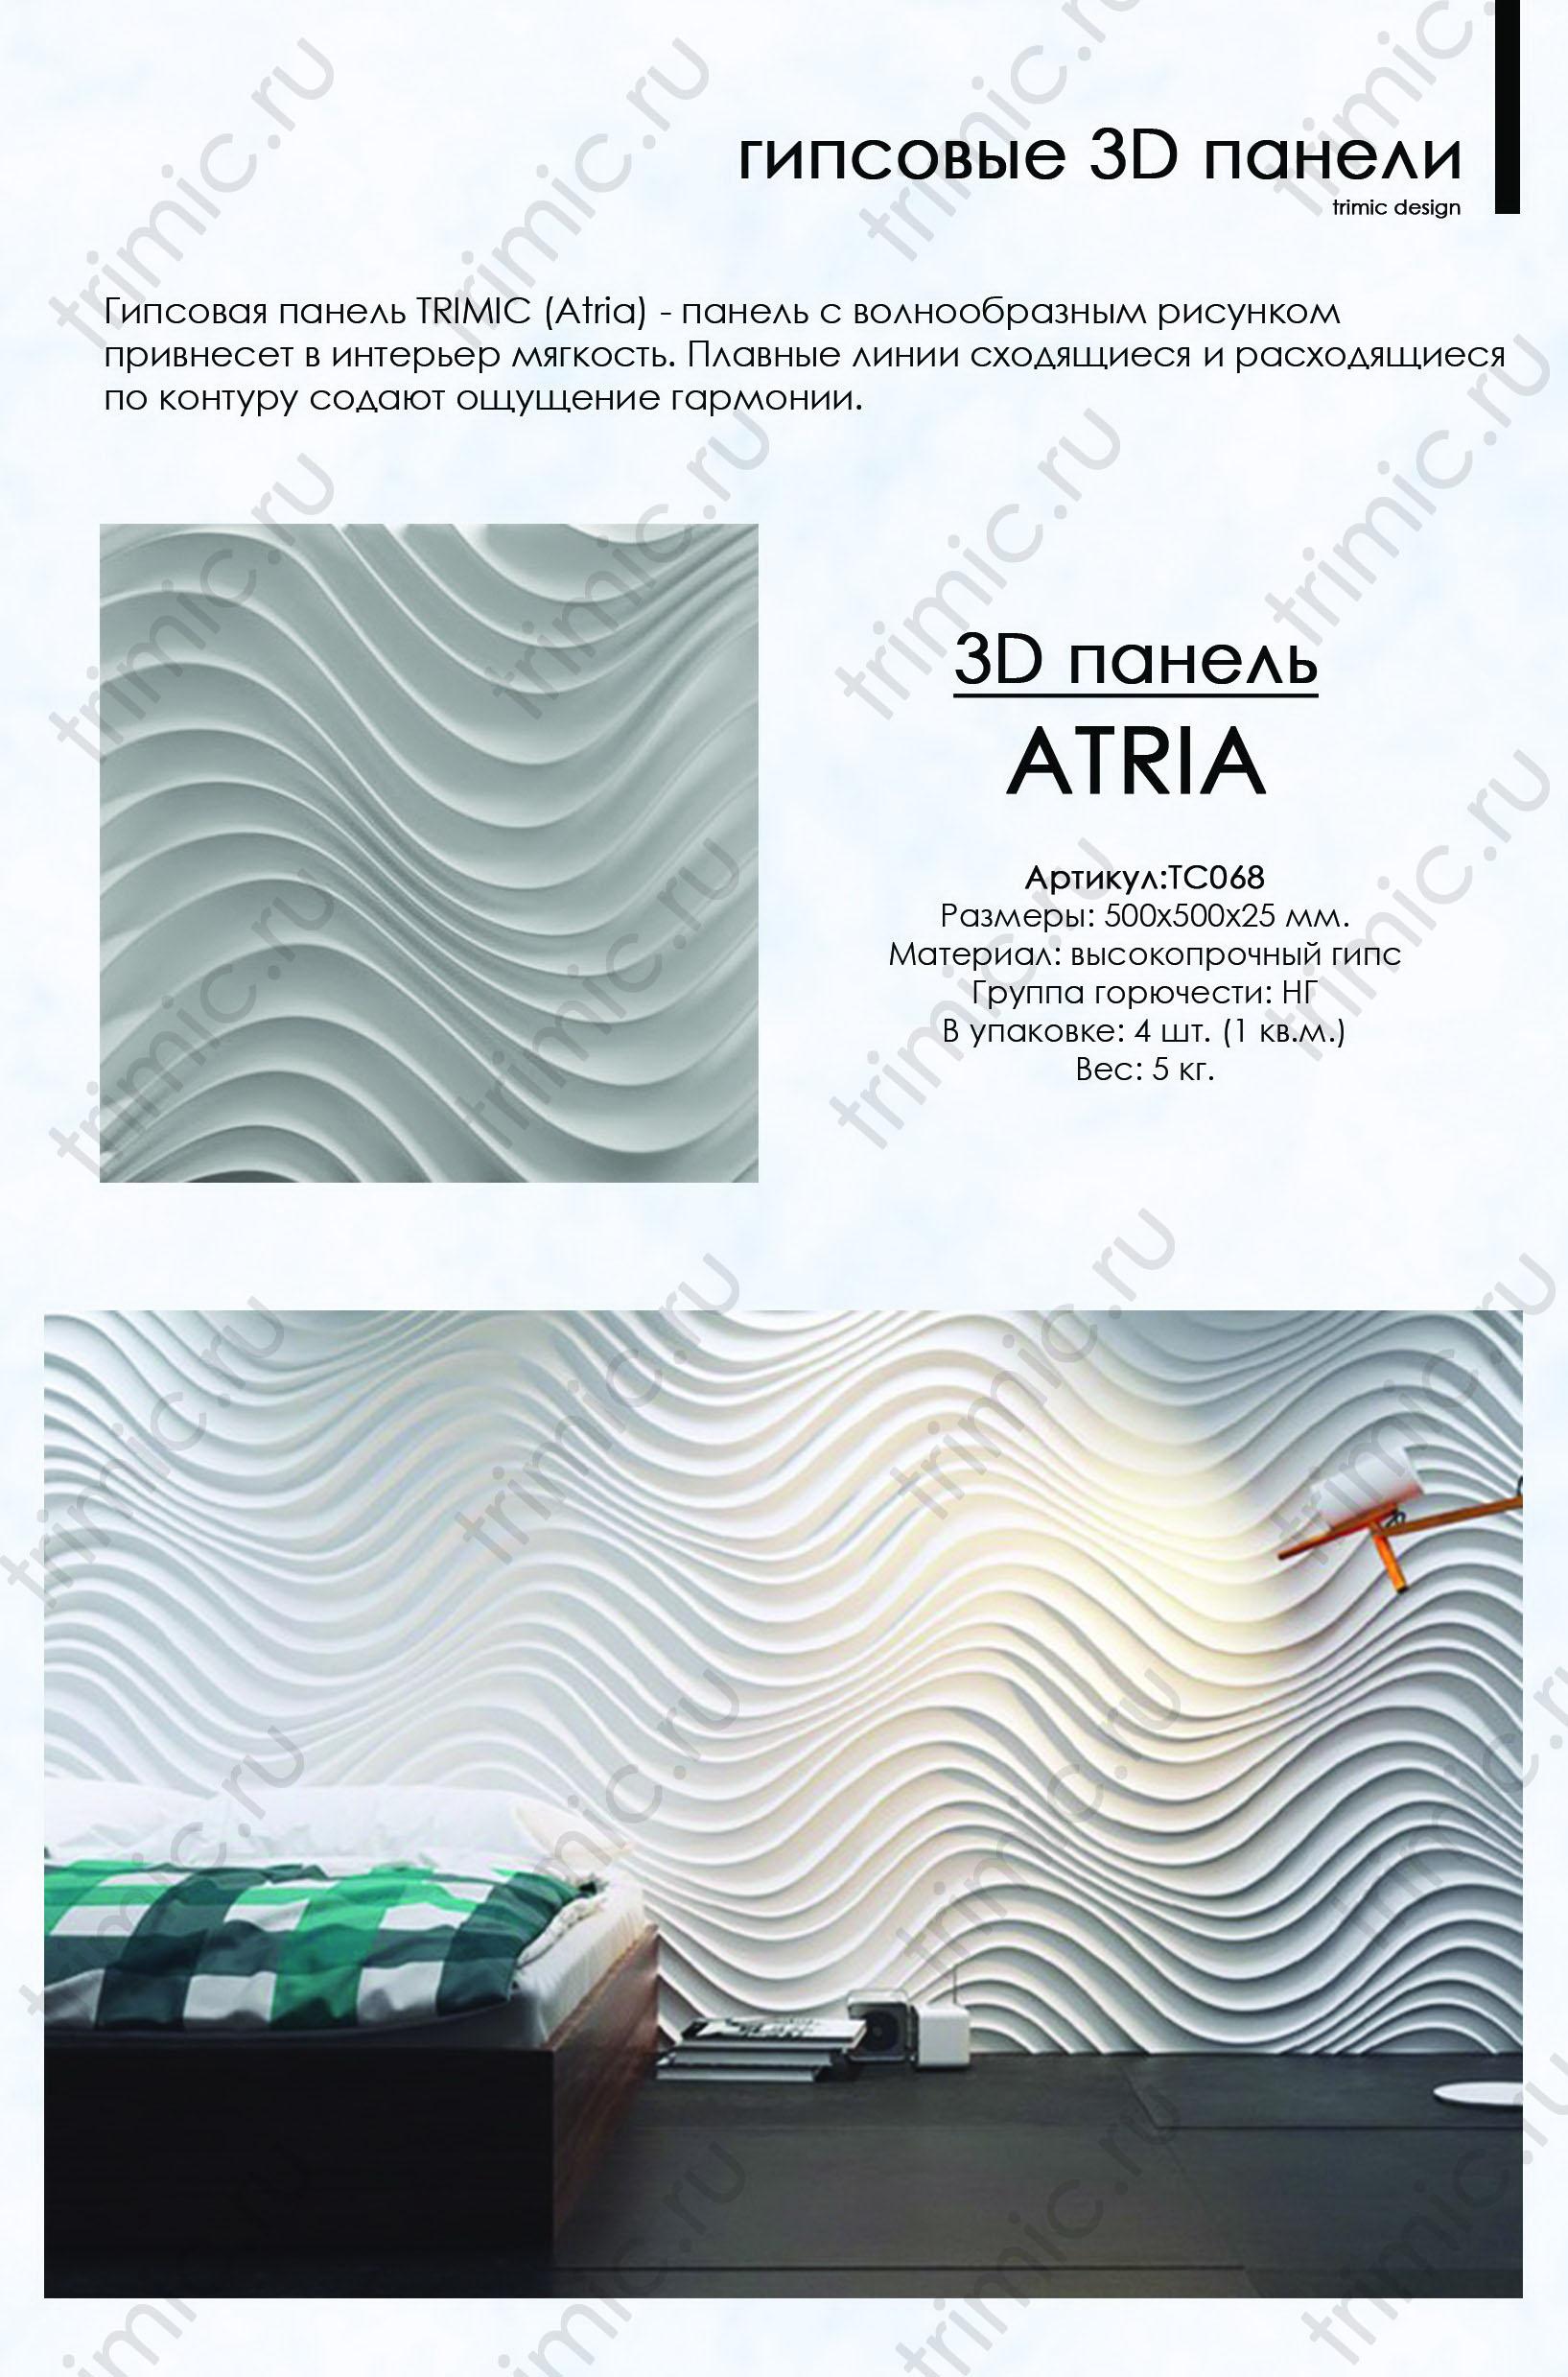 """3D панель """"ATRIA"""""""